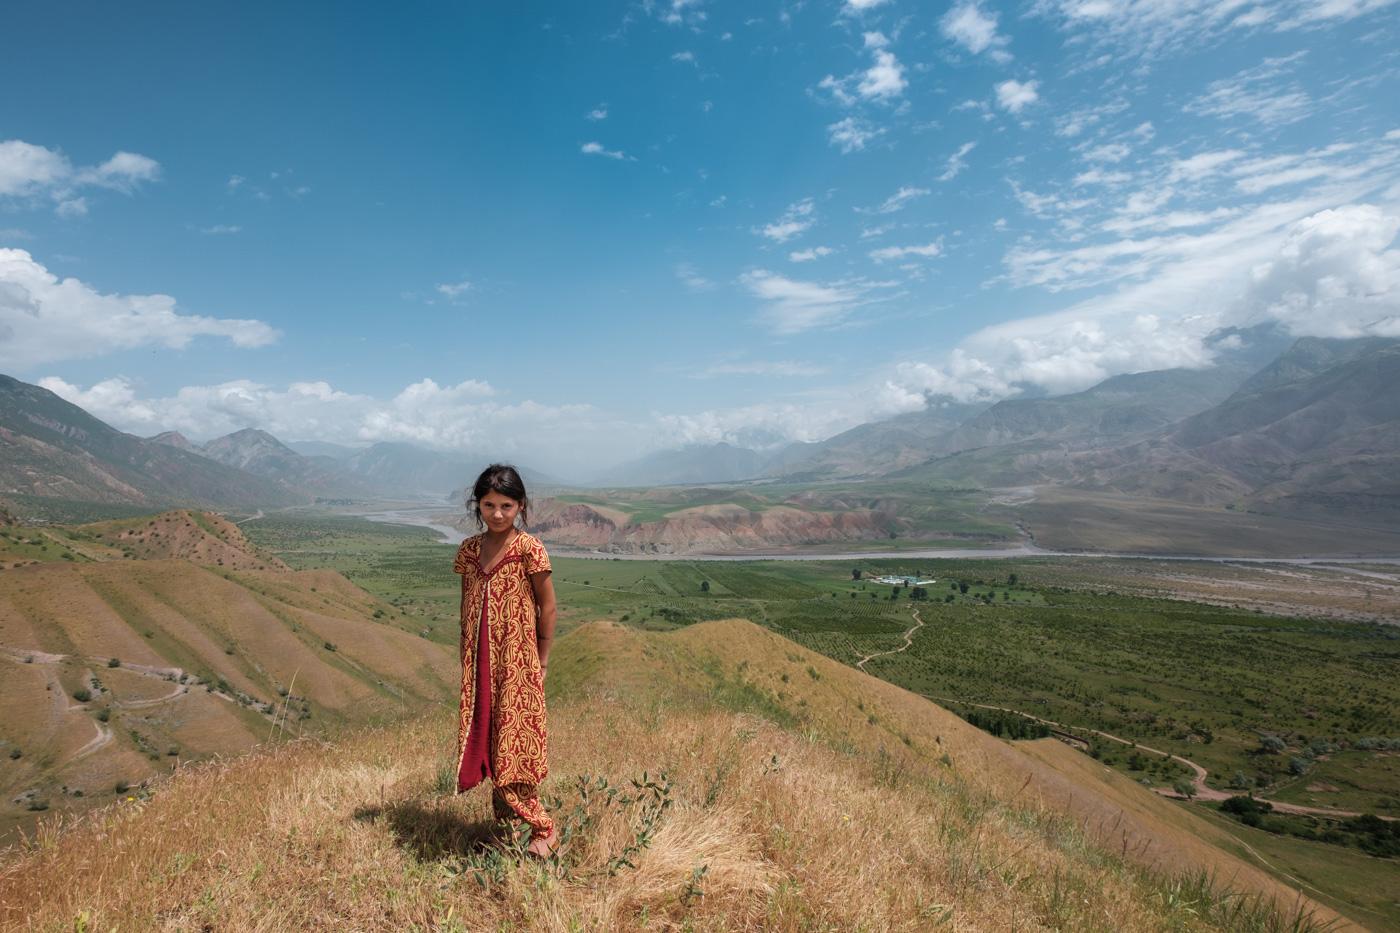 Tadschikisches Mädchen im Grenzgebiet zu Afghanistan.